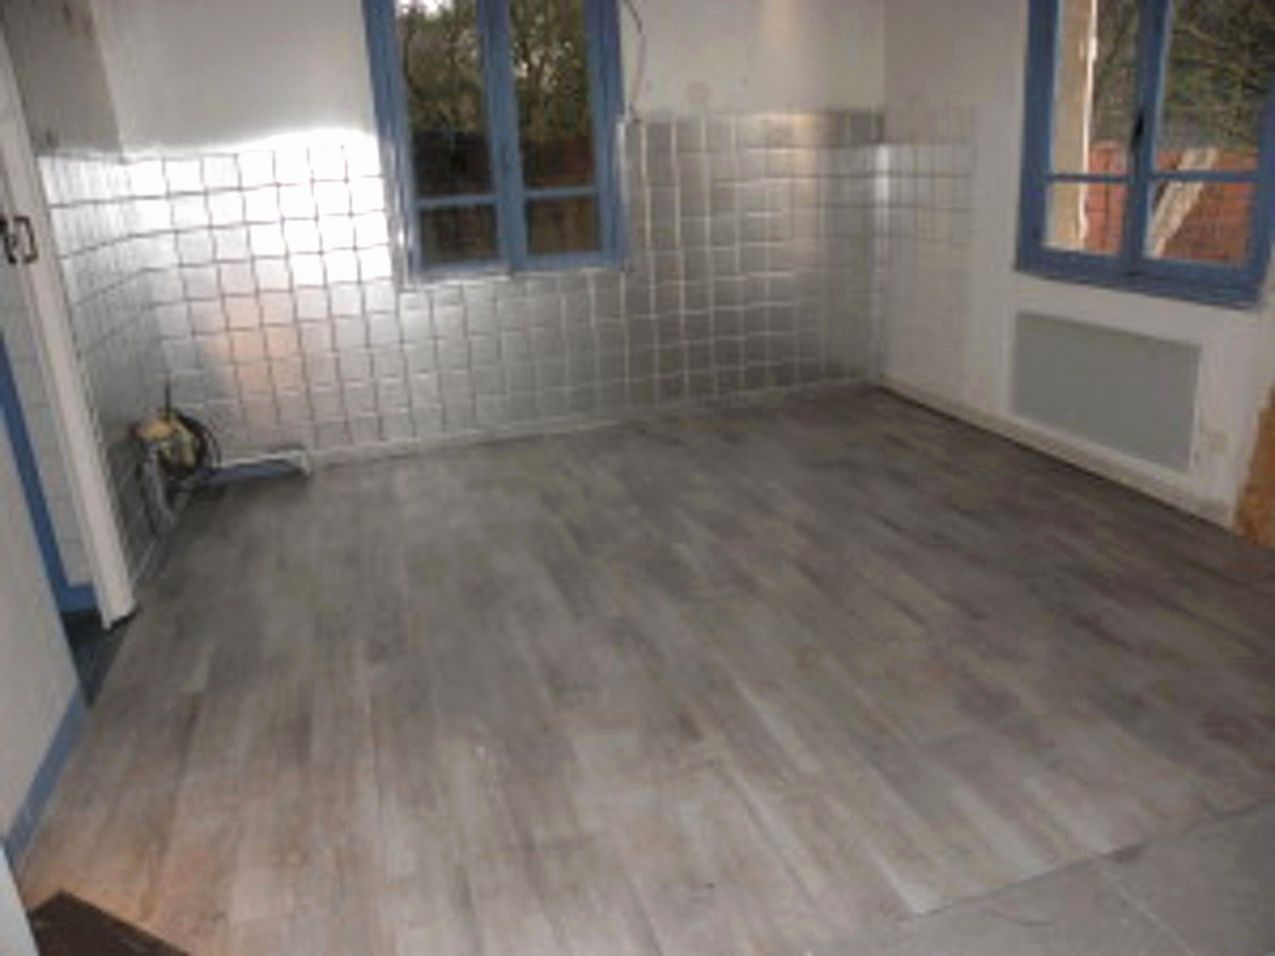 55 Revetement De Sol Pas Cher Brico Depot 2017 Flooring Tile Floor Tiles